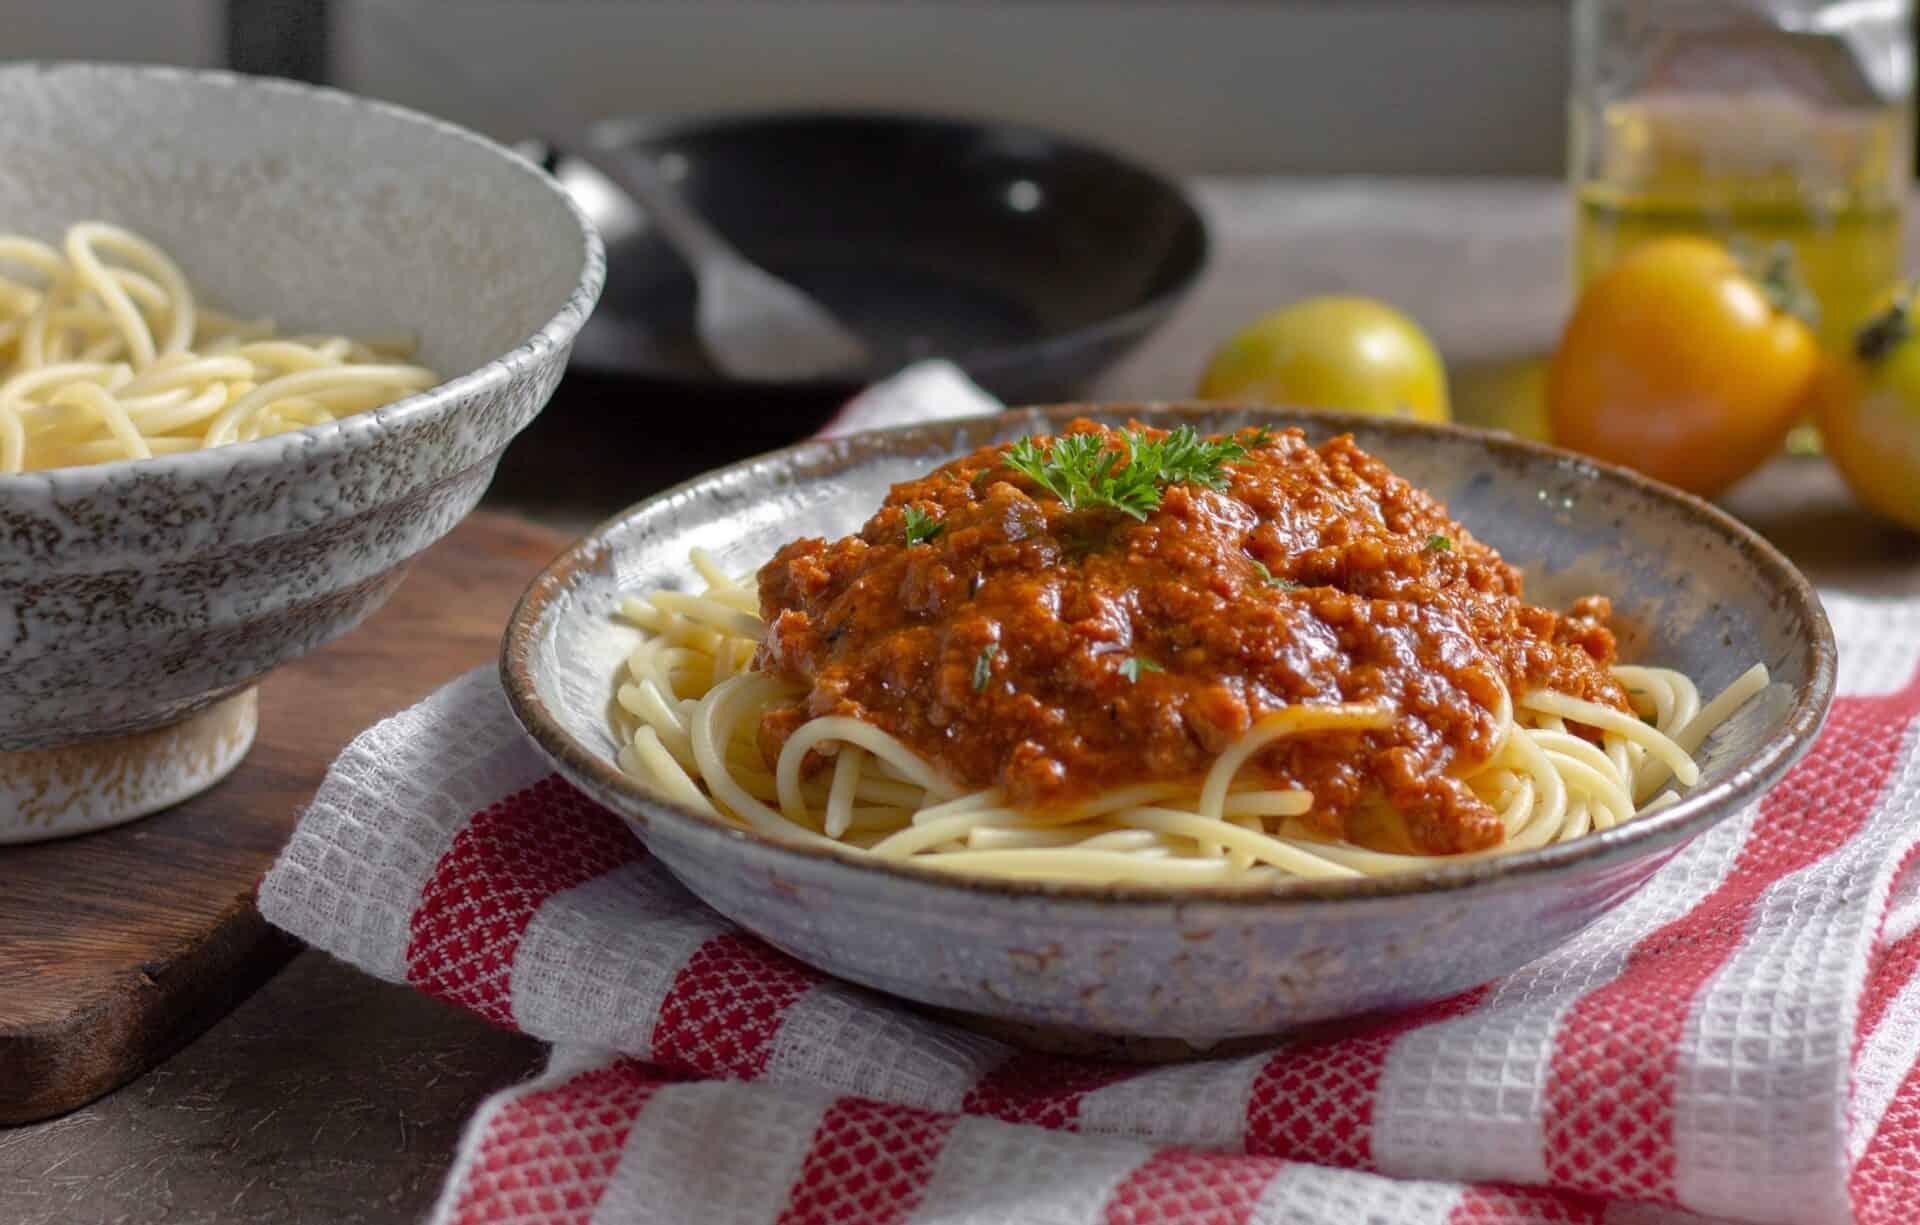 Super Easy Six Minute Instant Pot Spaghetti